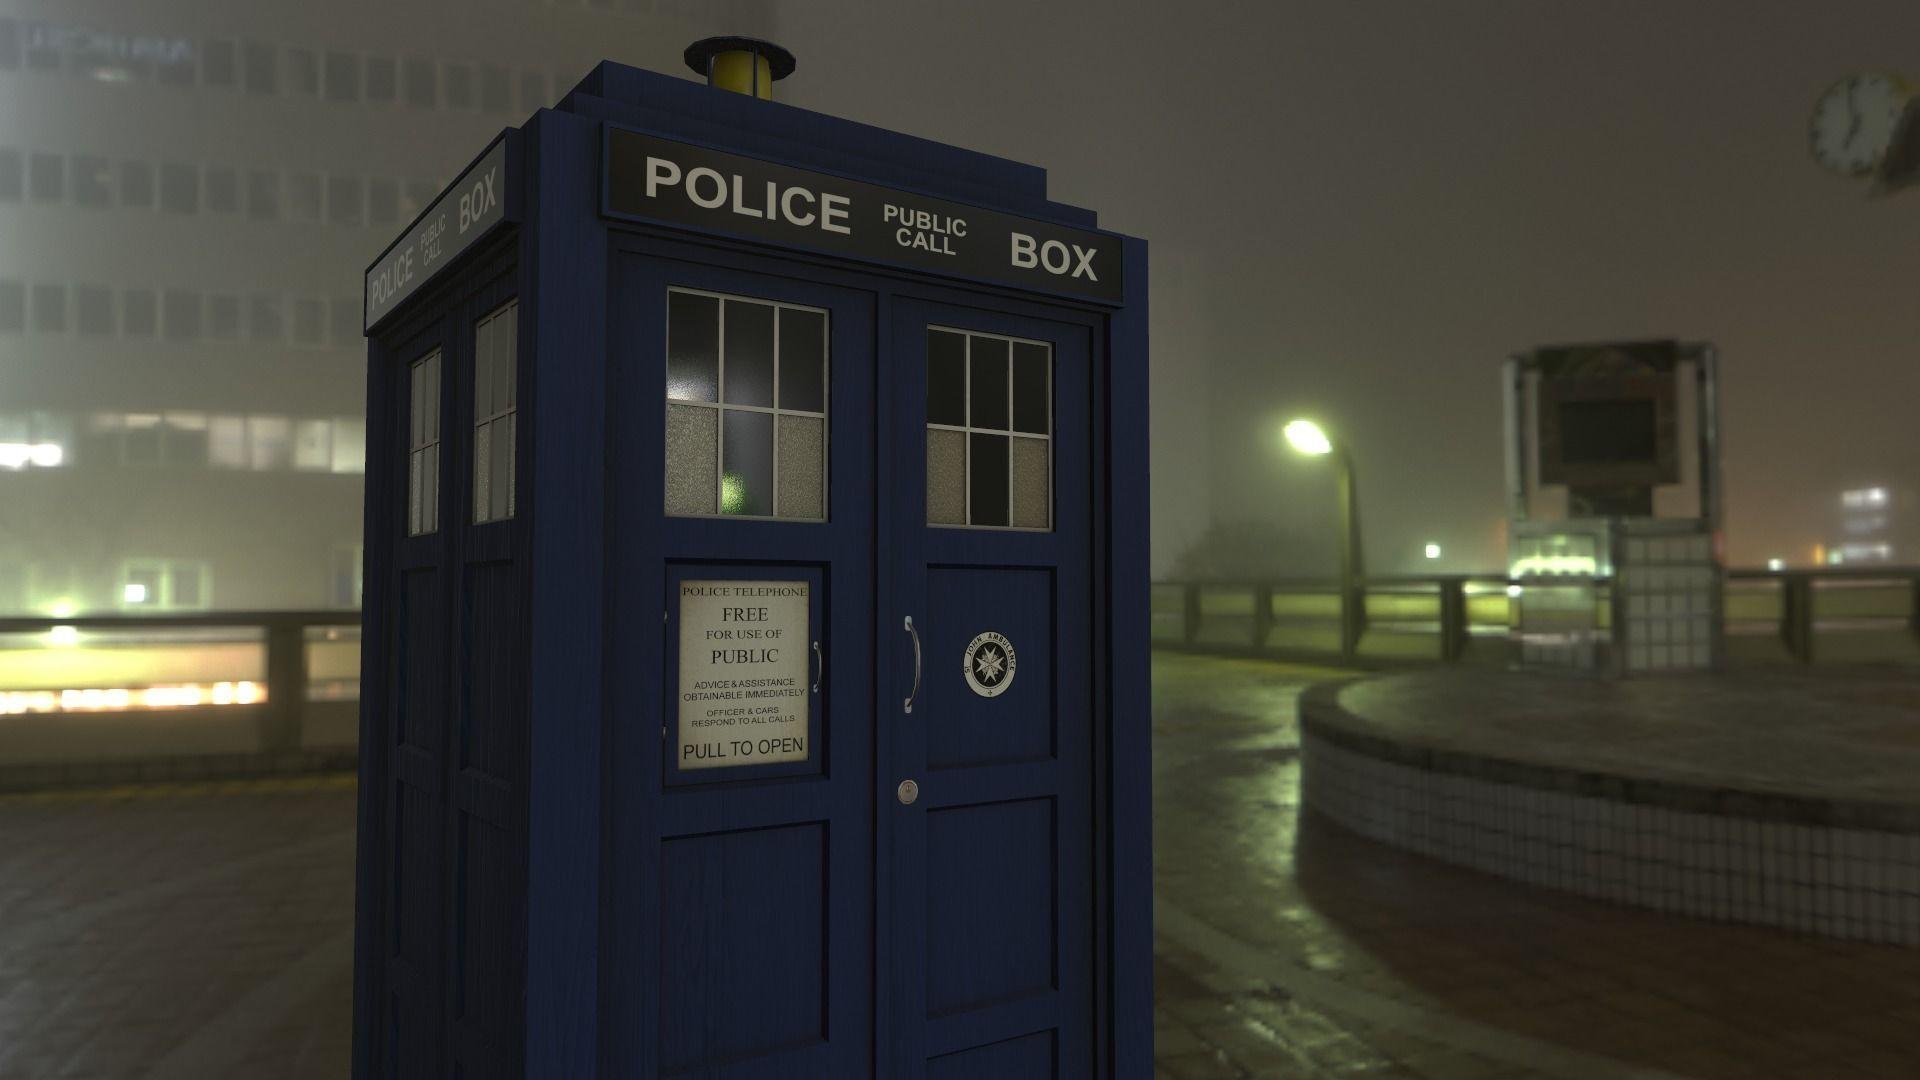 Police Box Tardis